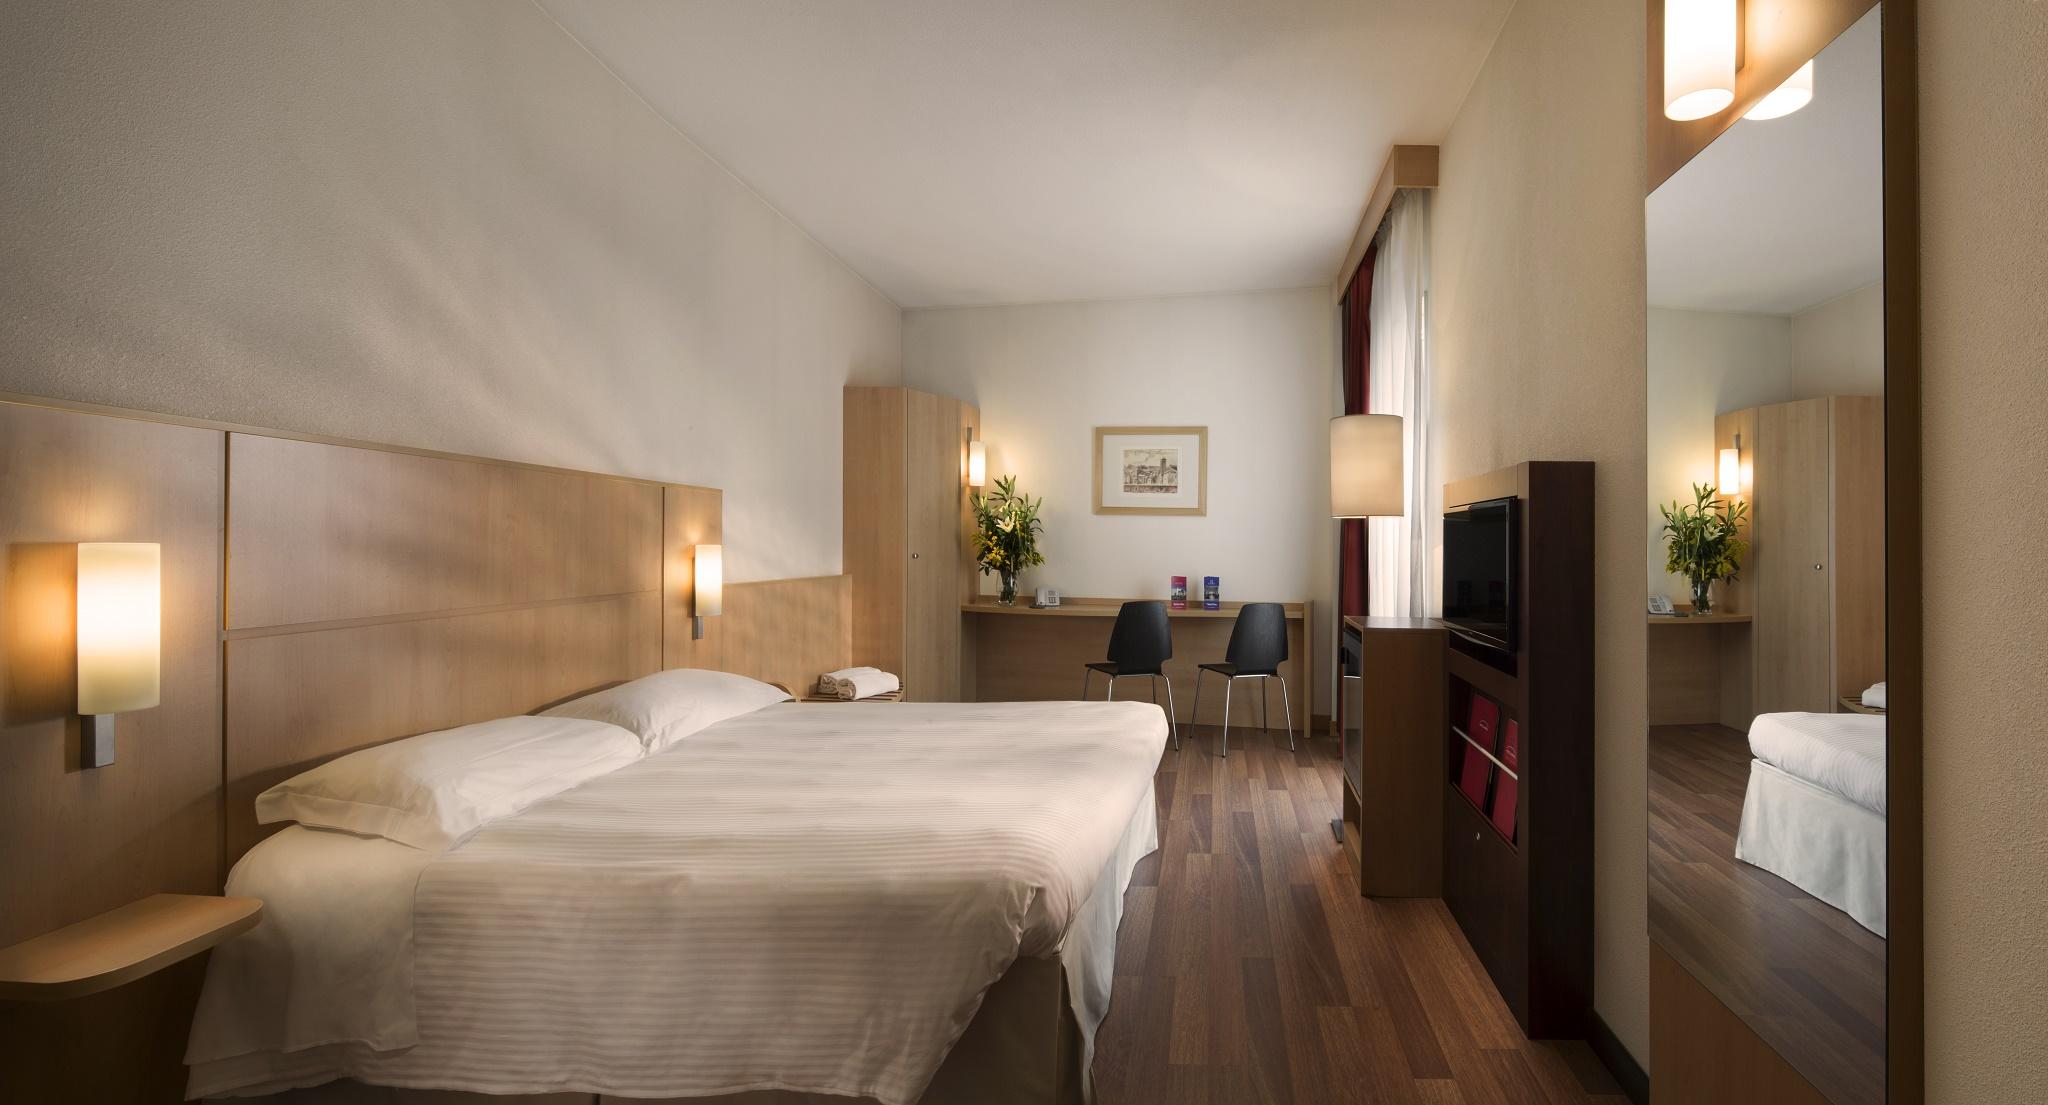 Camera matrimoniale con vasca hotel rafael milano - Hotel con camere a tema milano ...